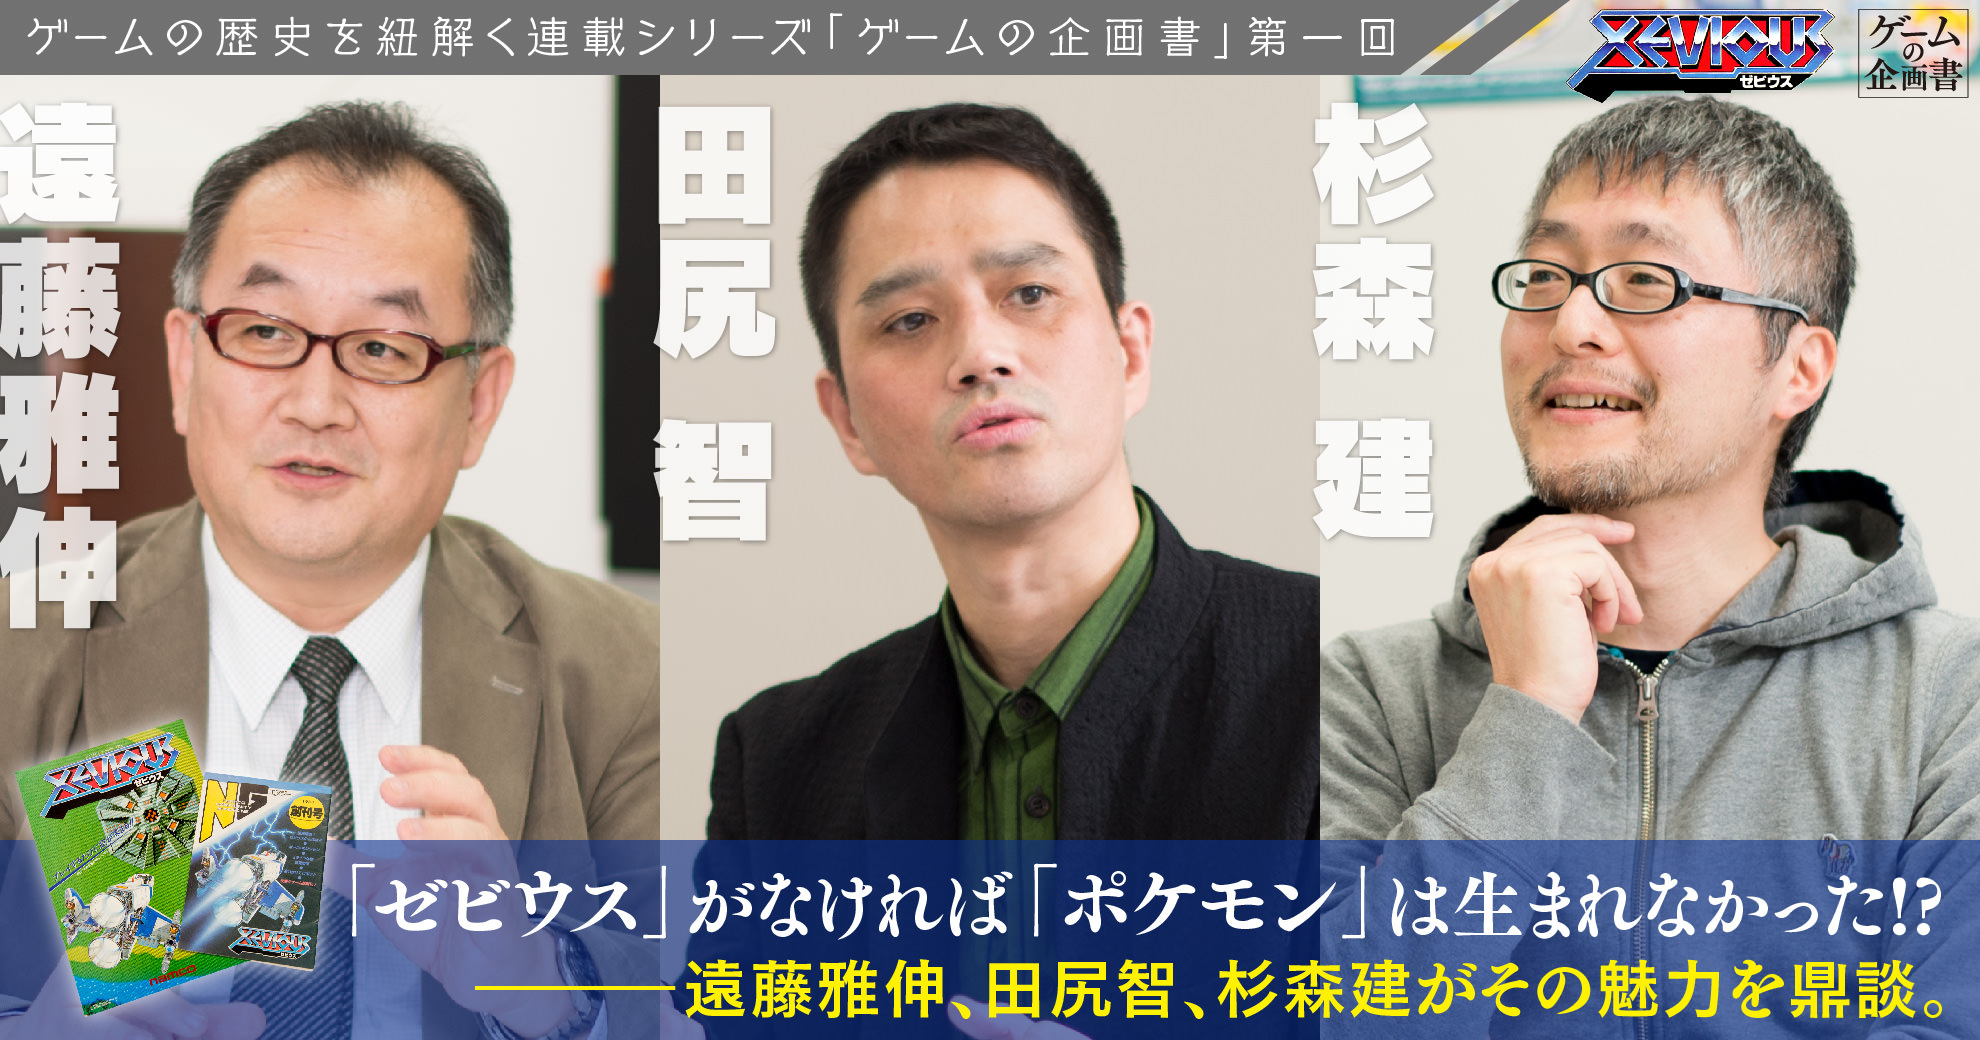 「ゼビウス」がなければ「ポケモン」は生まれなかった!?———遠藤雅伸、田尻智、杉森建がその魅力を鼎談。ゲームの歴史を紐解く連載シリーズ「ゲームの企画書」第一回